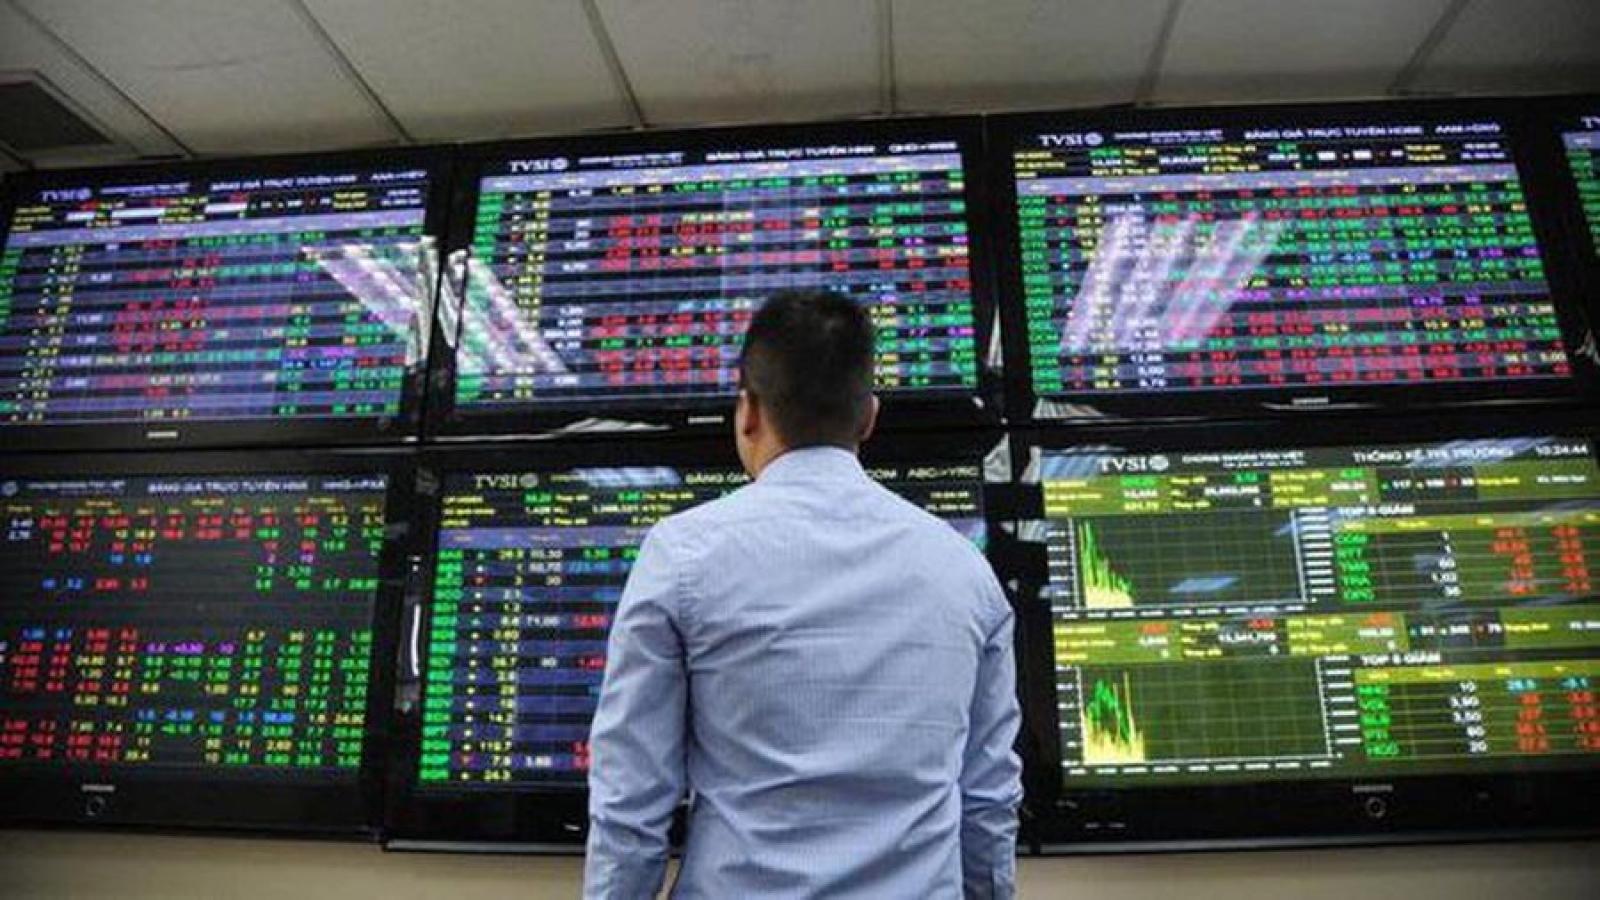 Chứng khoán hút dòng tiền: Tiềm ẩn rủi ro cho thị trường?